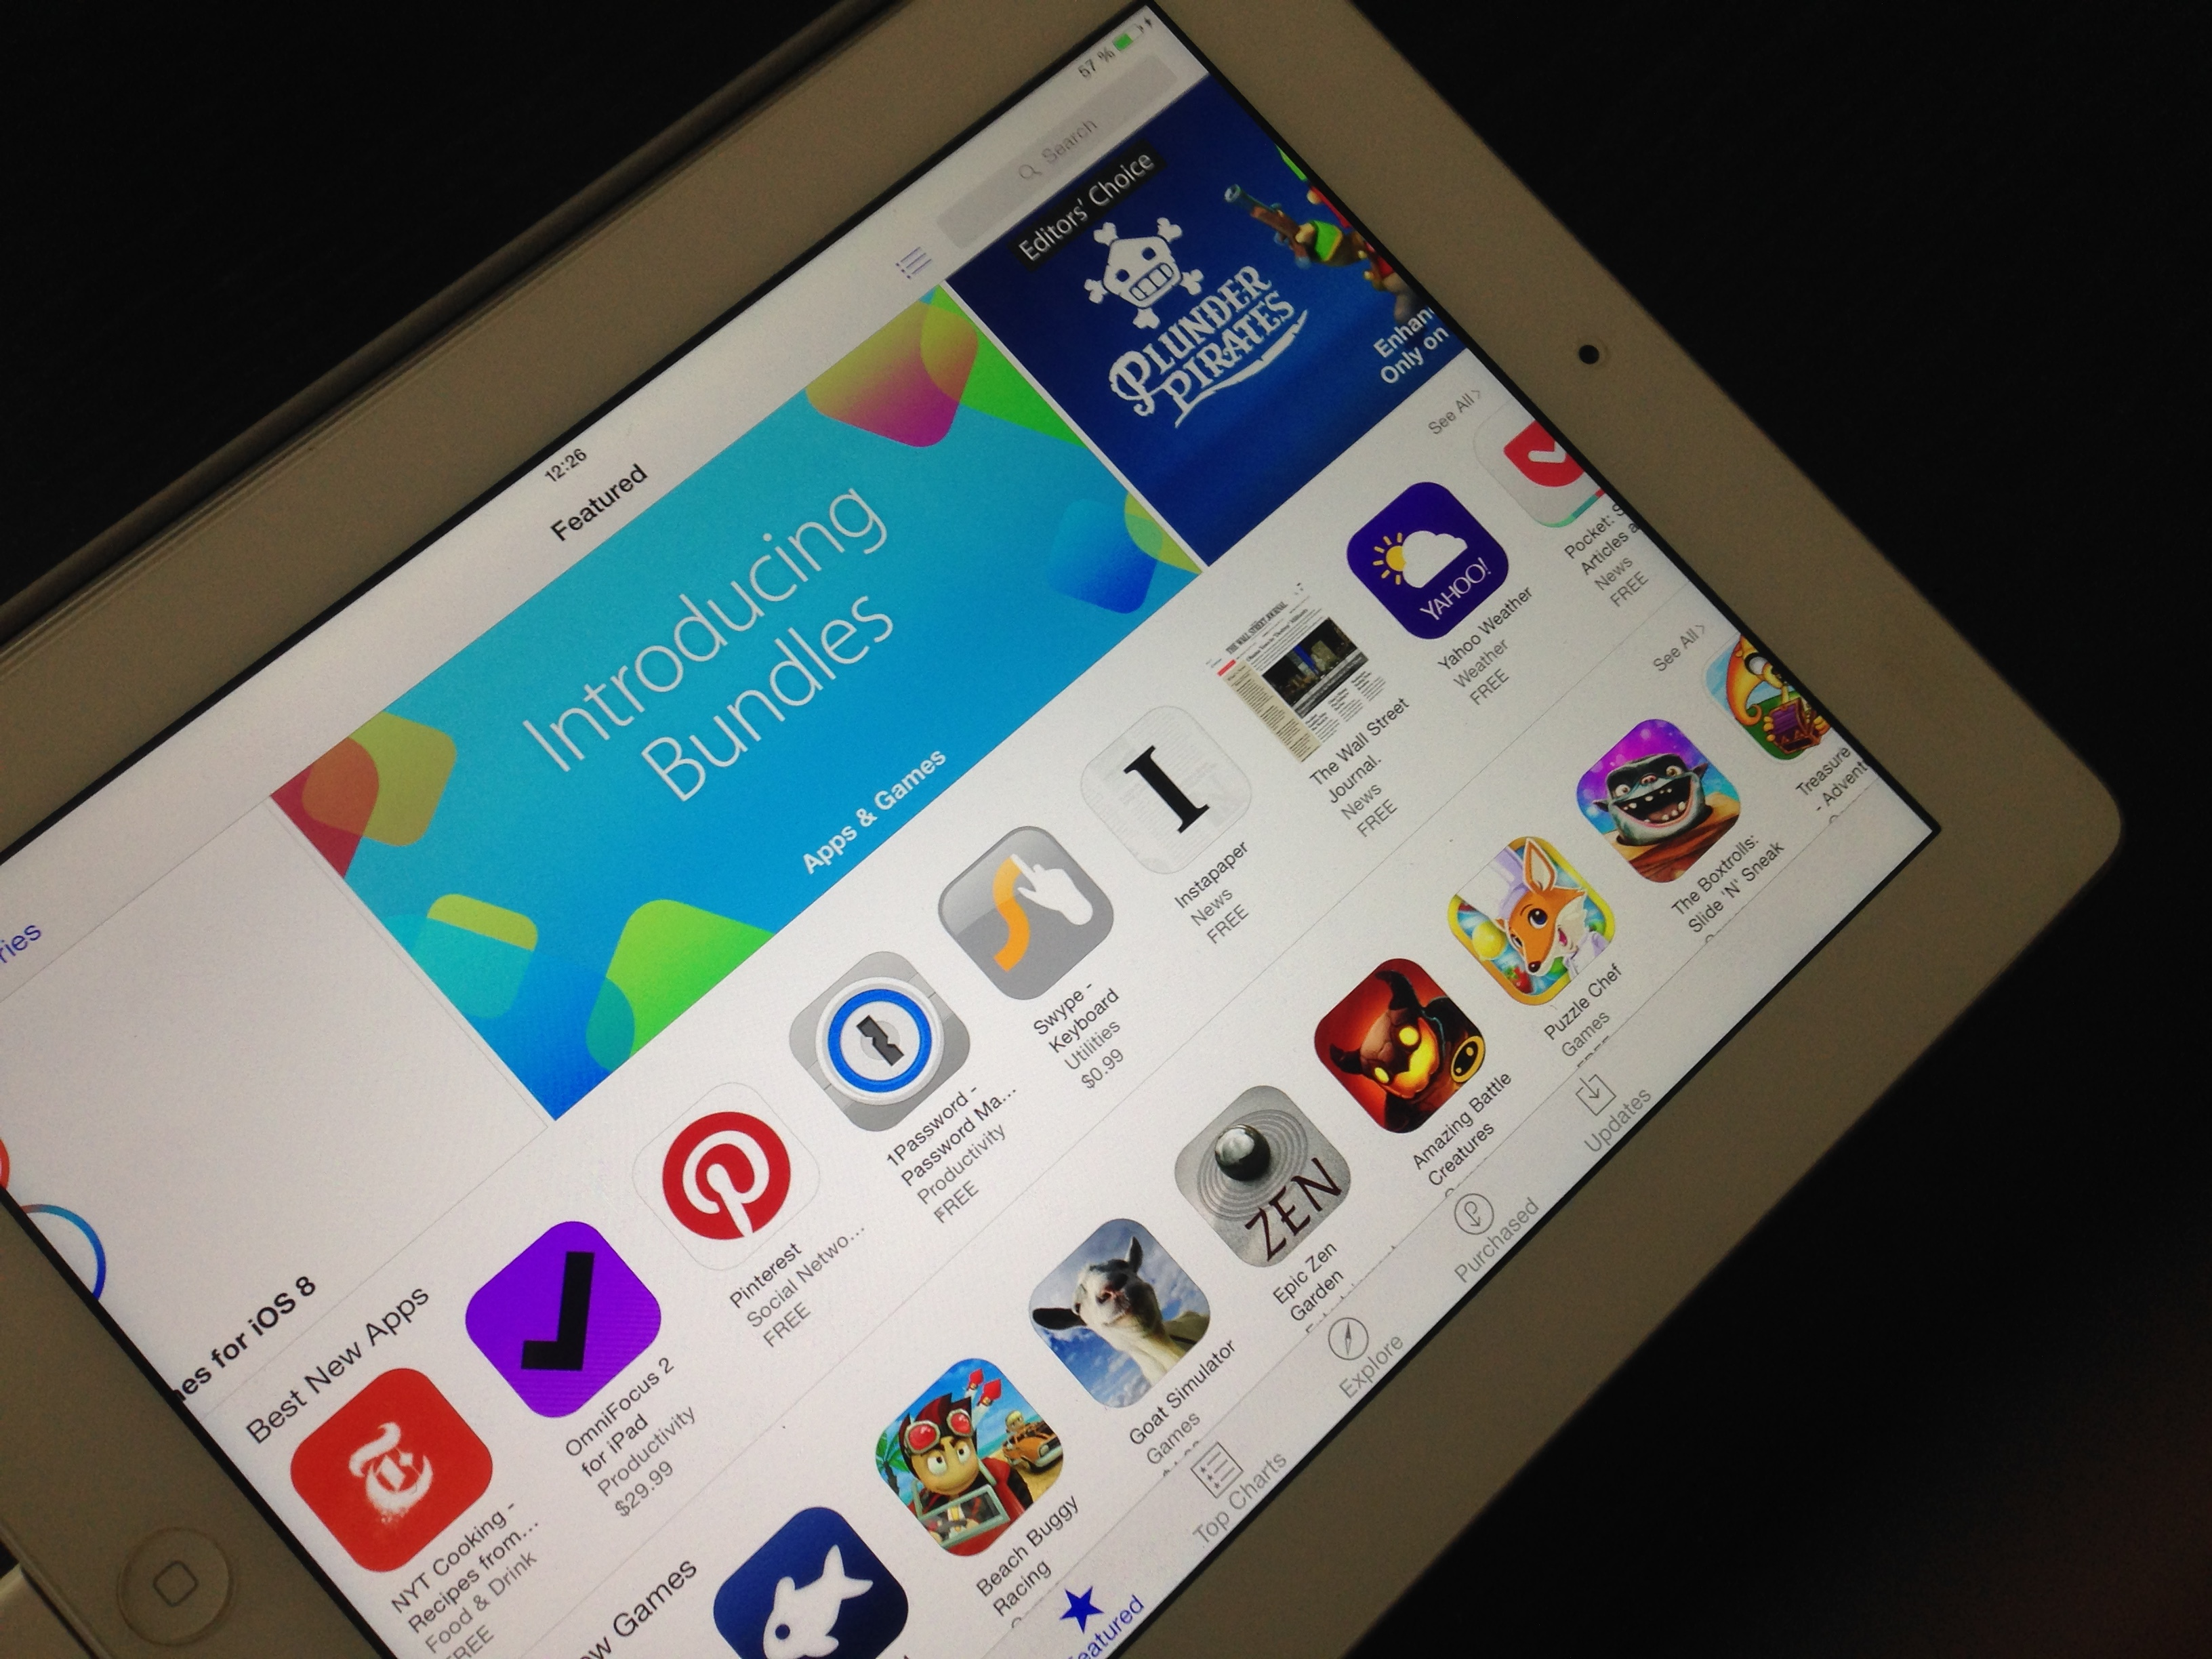 Обновленный App Store в iOS 8. Что нового?